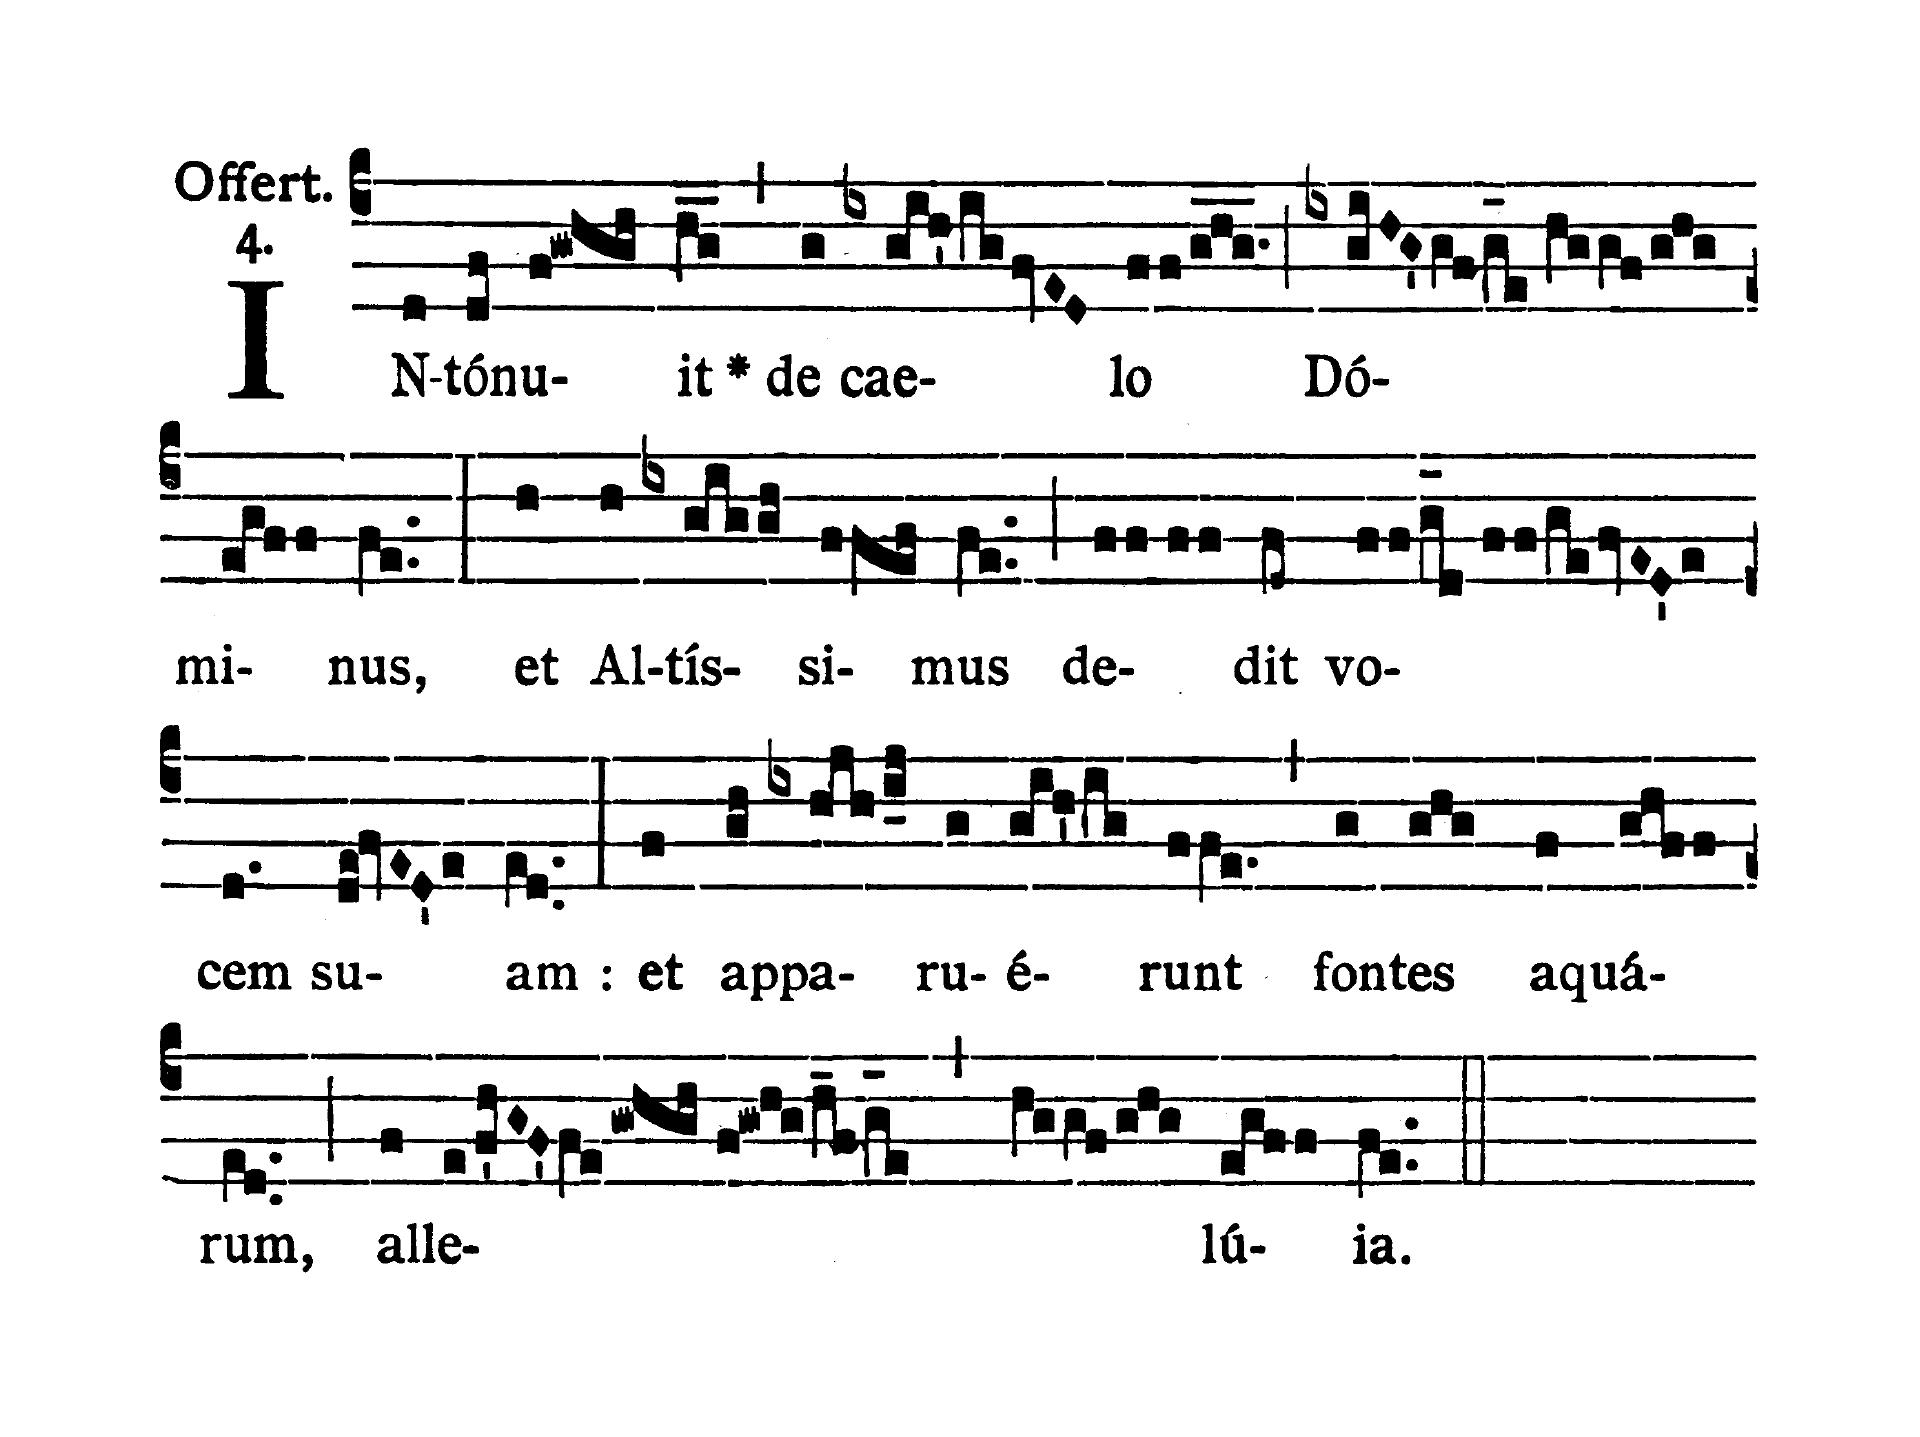 Feria tertia post Pascha (Wtorek Wielkanocny) - Offertorium (Intonuit de caelo)